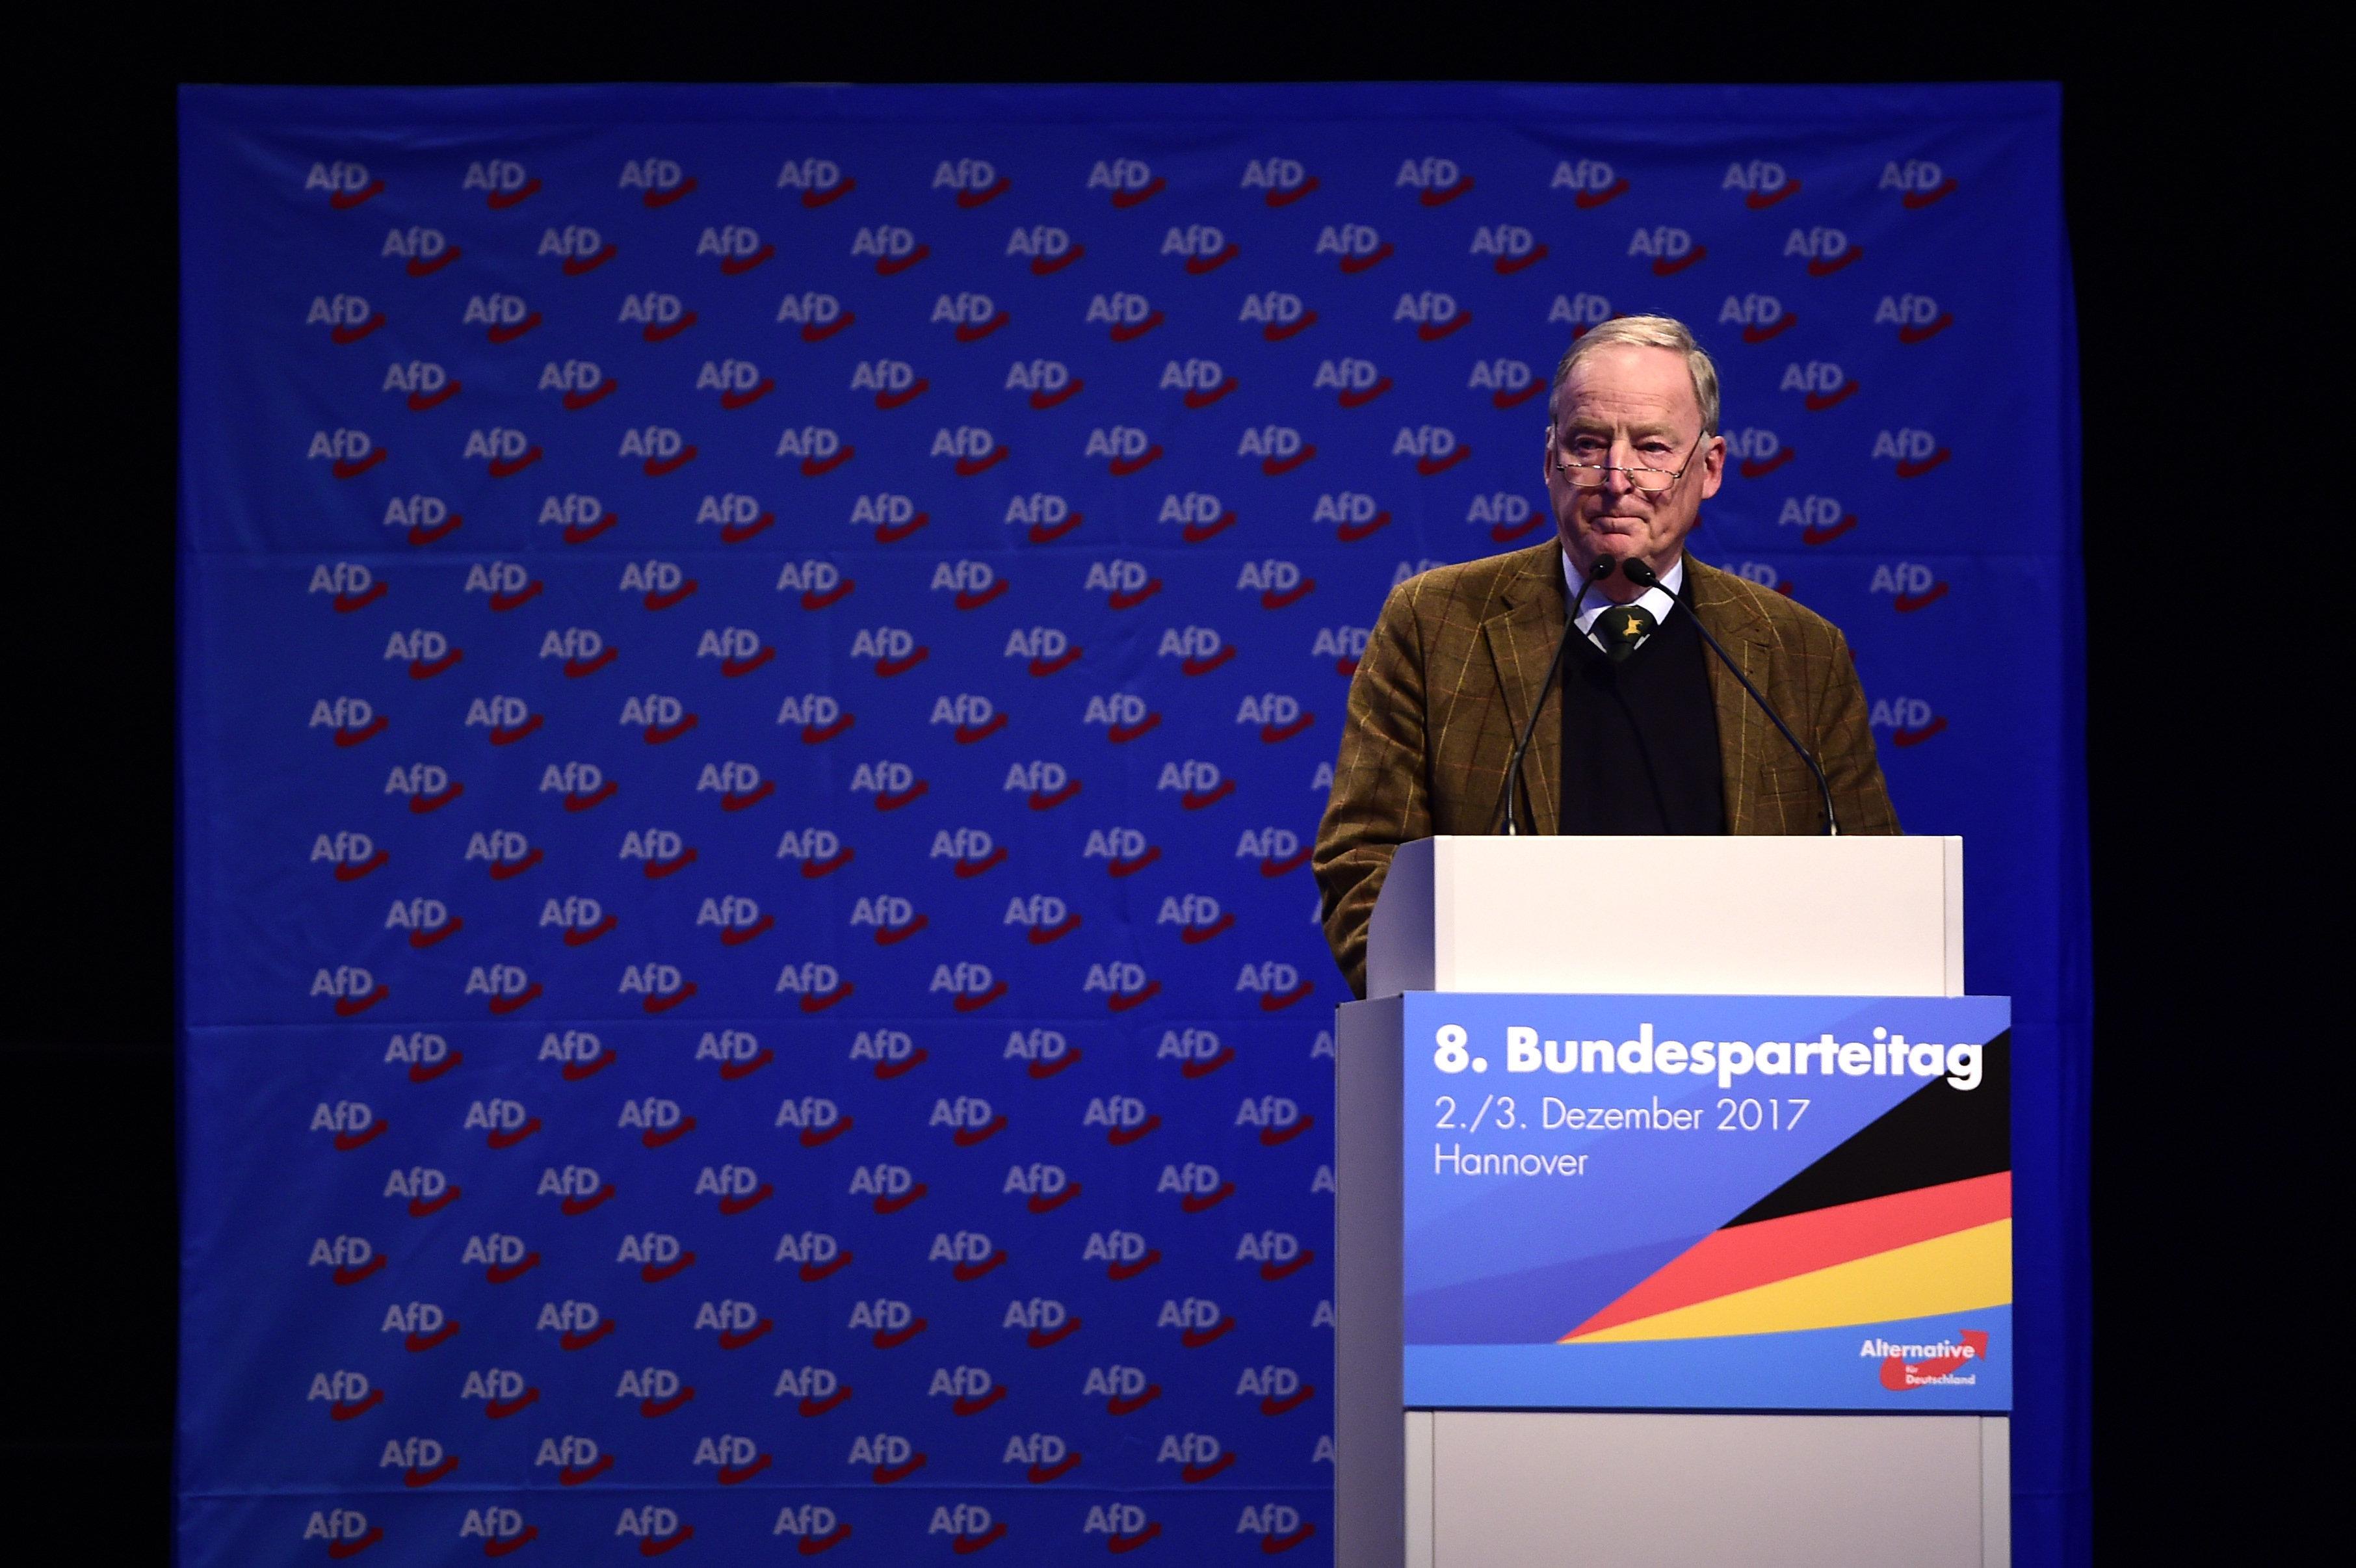 Die AfD wird fünf: Reden der Parteichefs zeigen, wie die Partei immer radikaler wurde